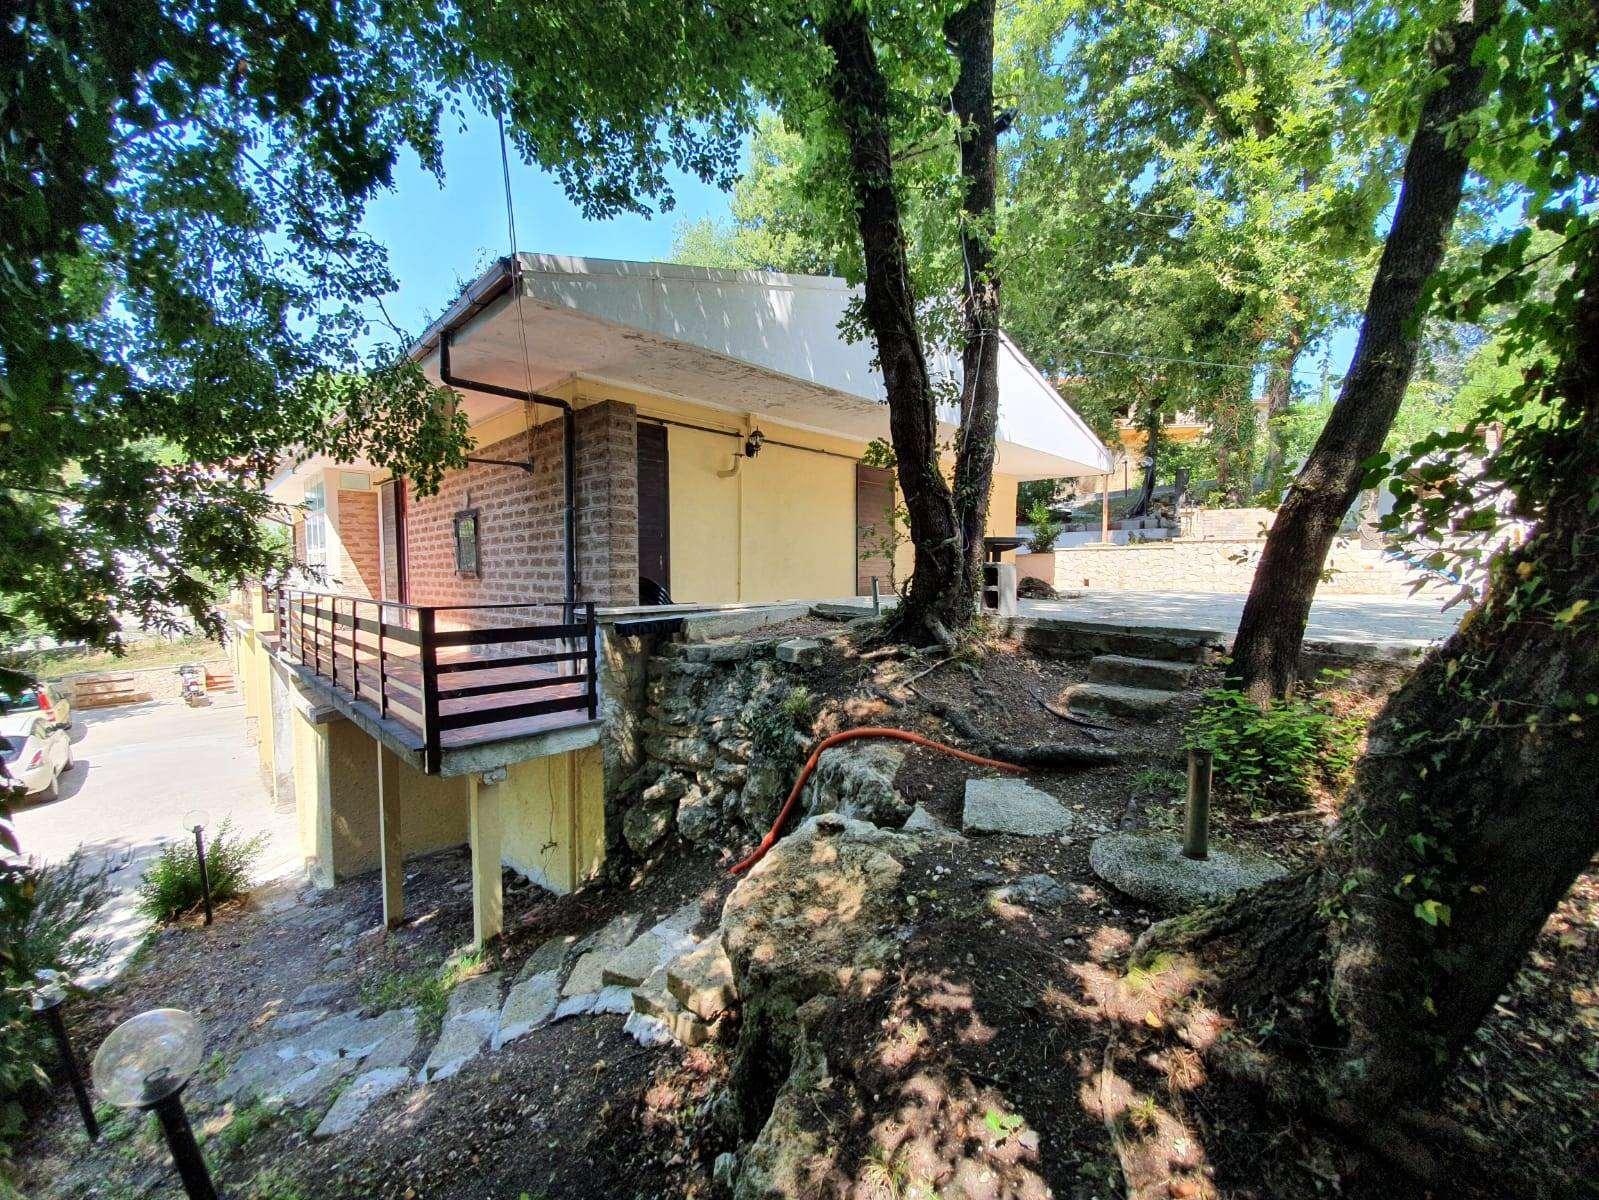 Villa in vendita a Scandriglia, 3 locali, zona Località: POGGIO CORESE, prezzo € 118.000   CambioCasa.it